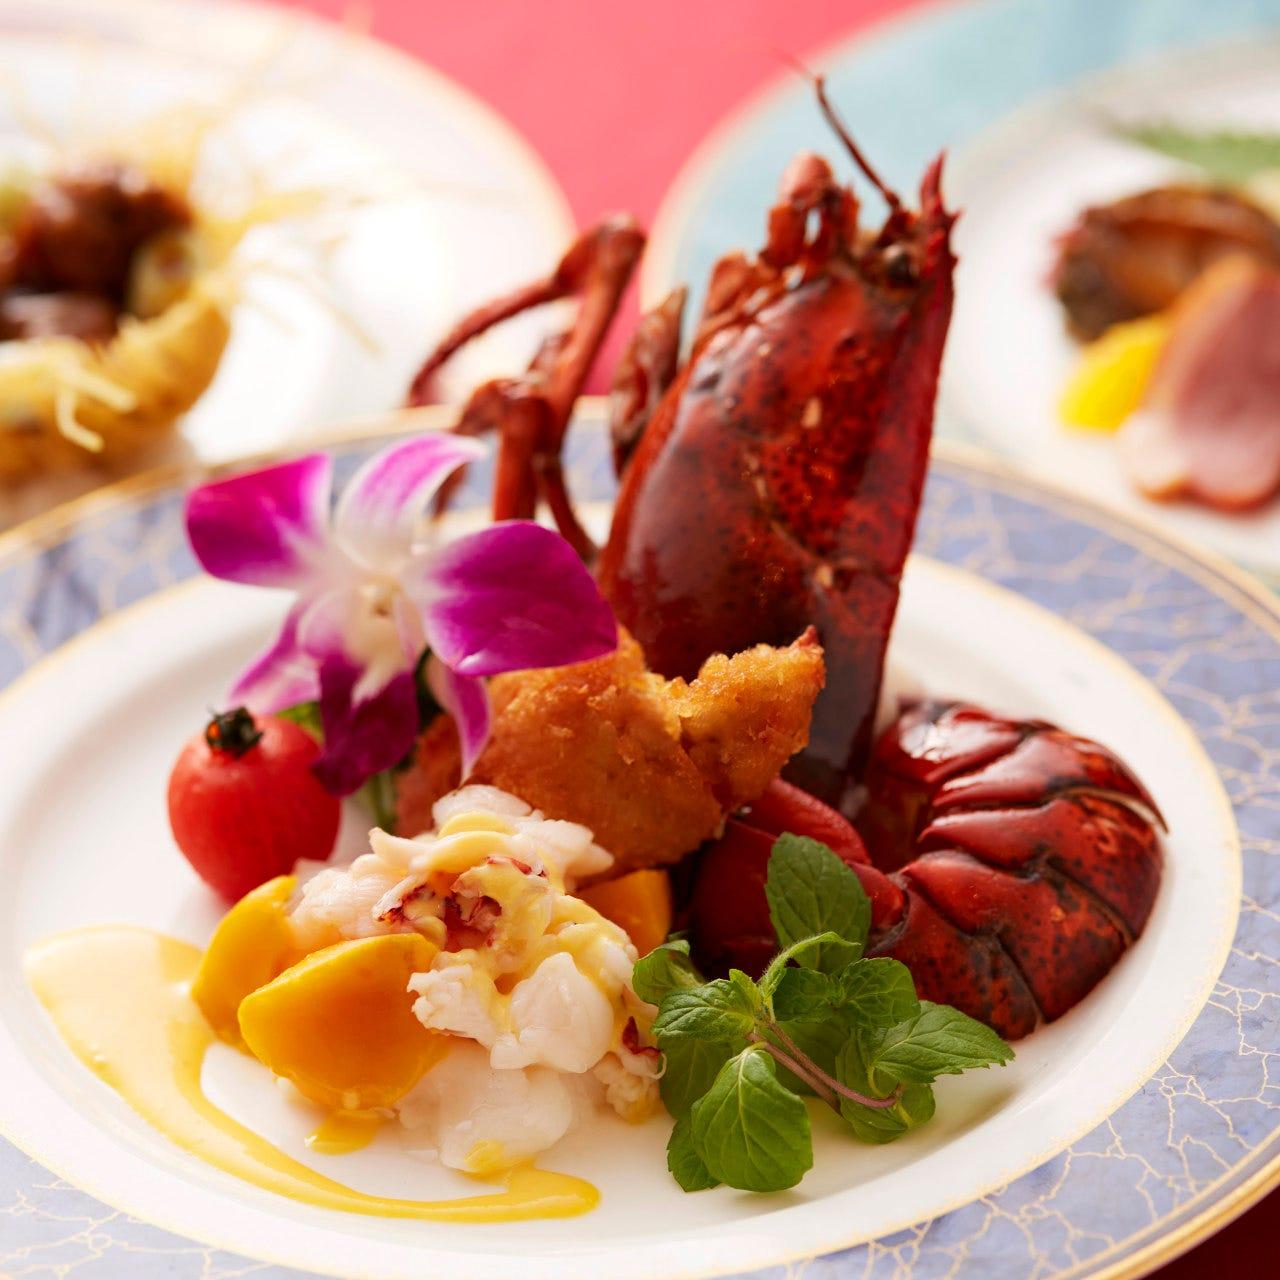 選りすぐった【旬の野菜や海鮮!】